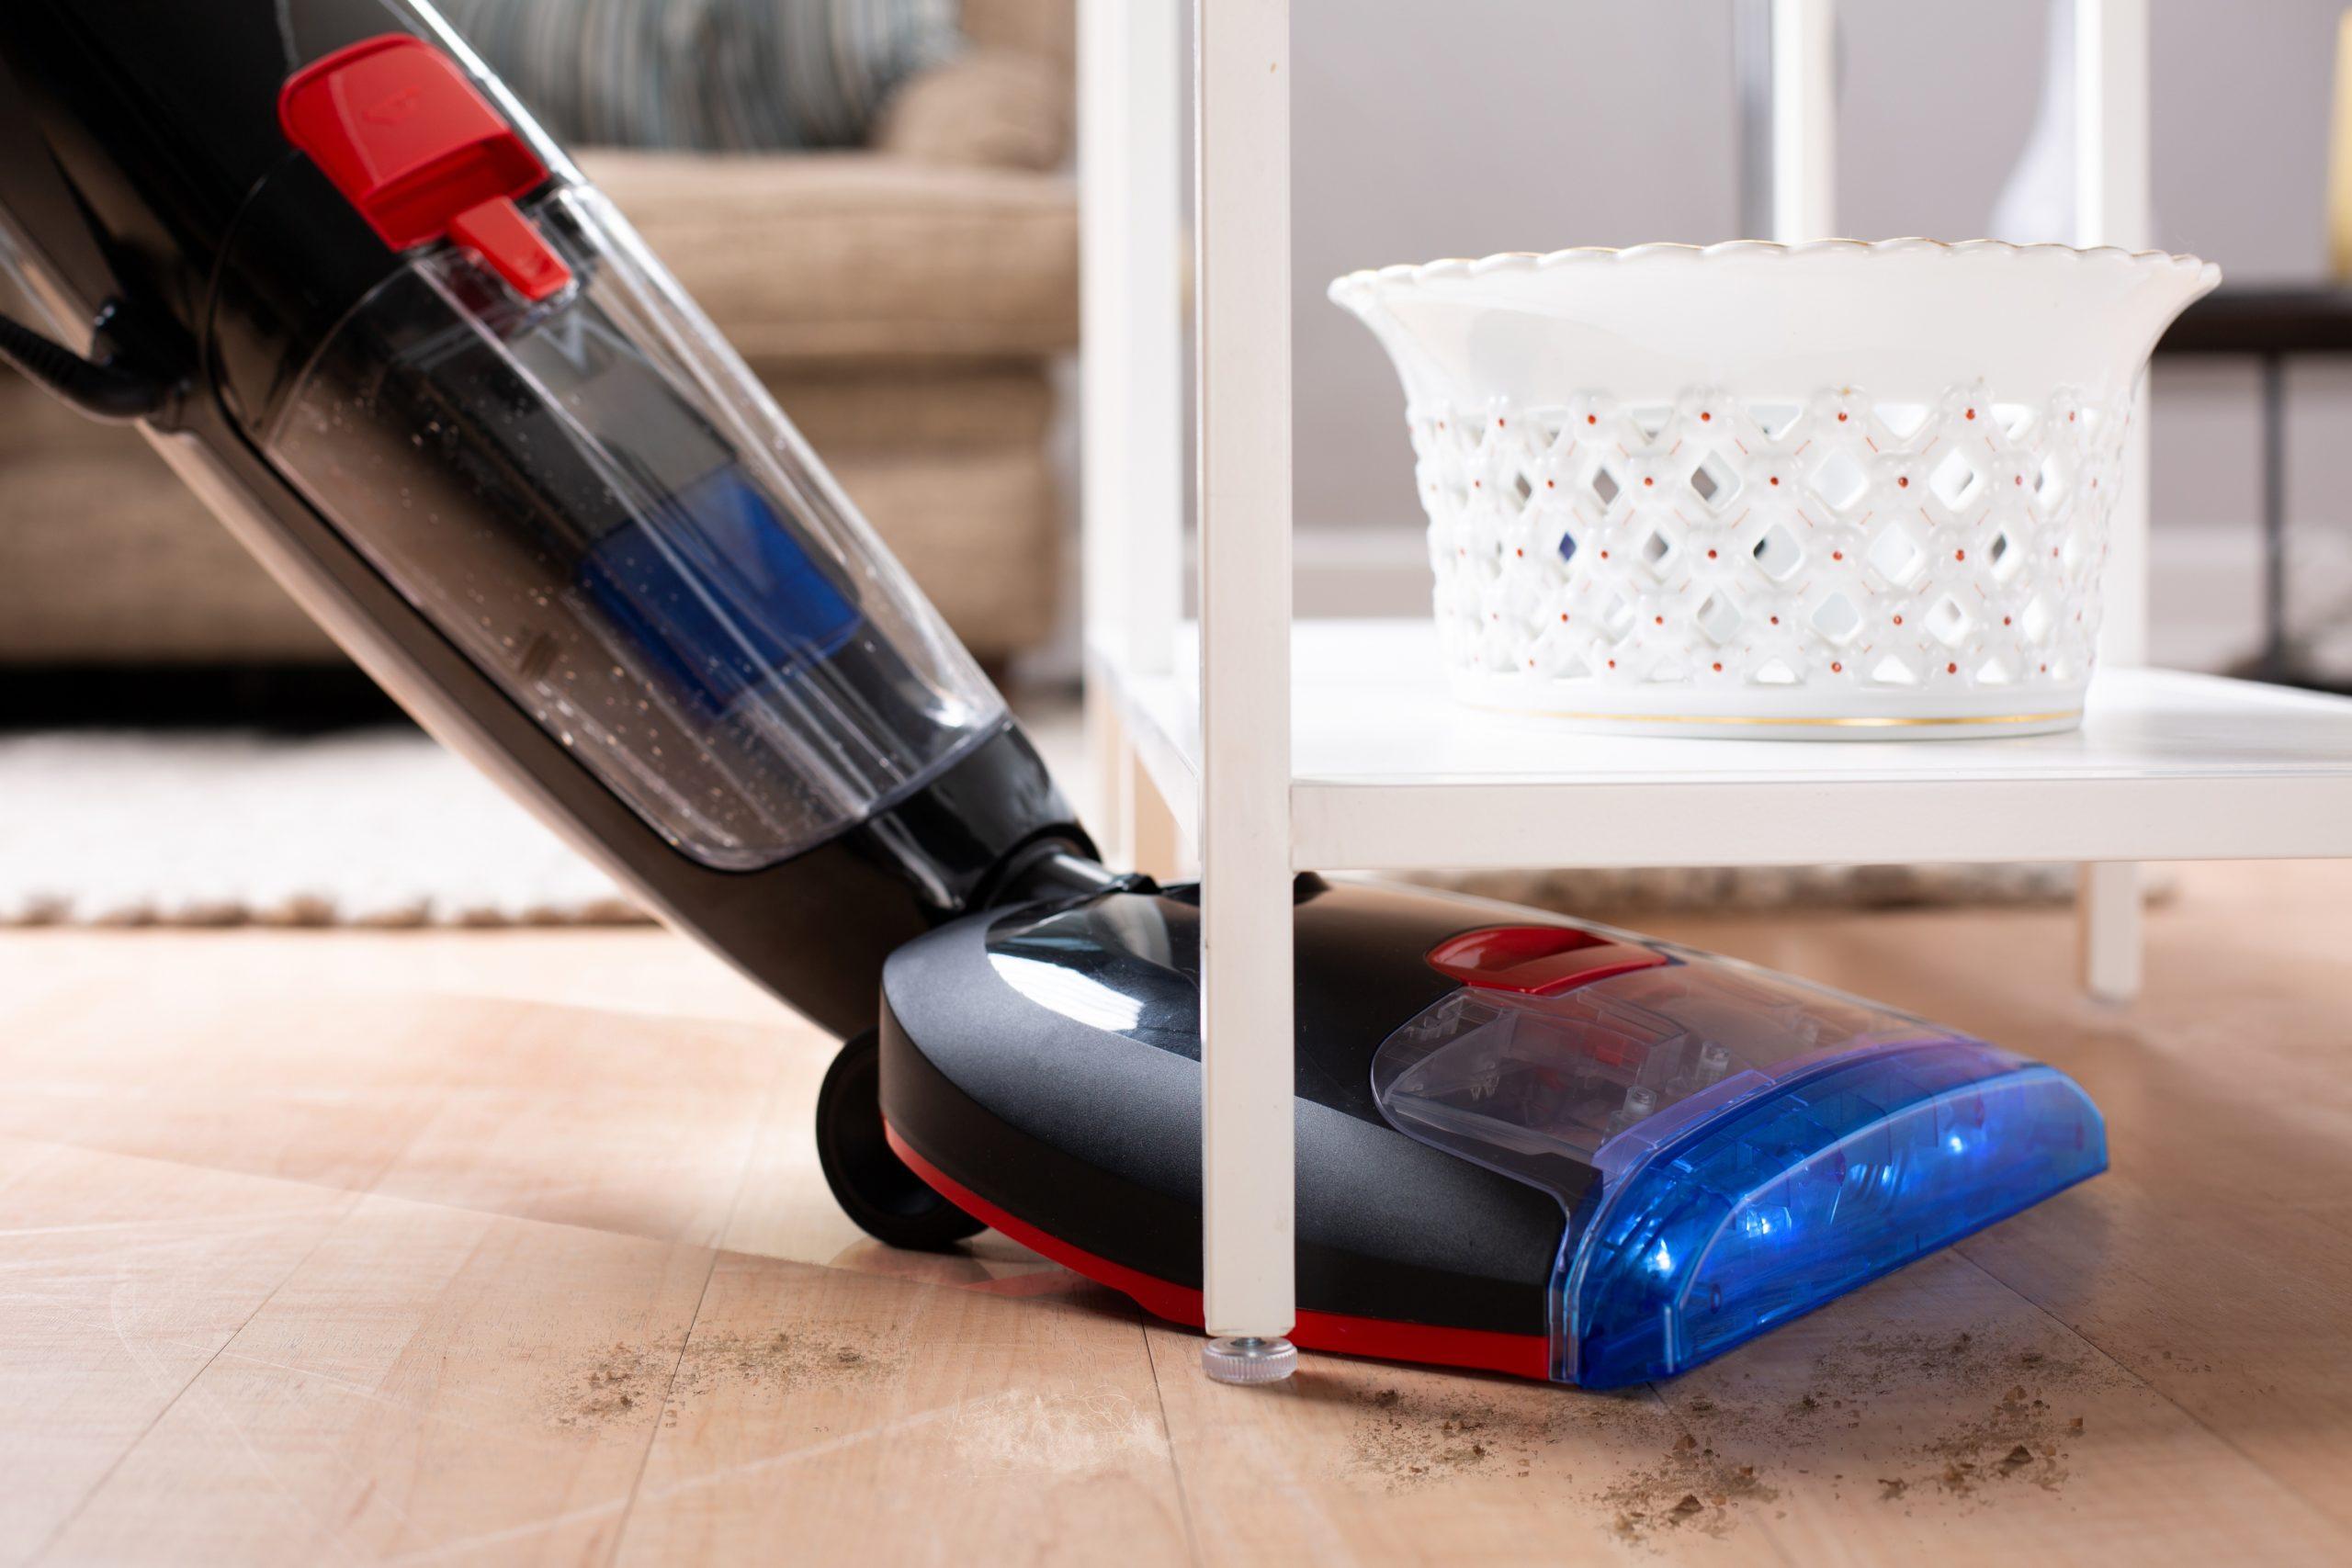 Putzen kann tatsächlich leicht und fix gehen, denn endlich fällt das lästige Bücken weg.